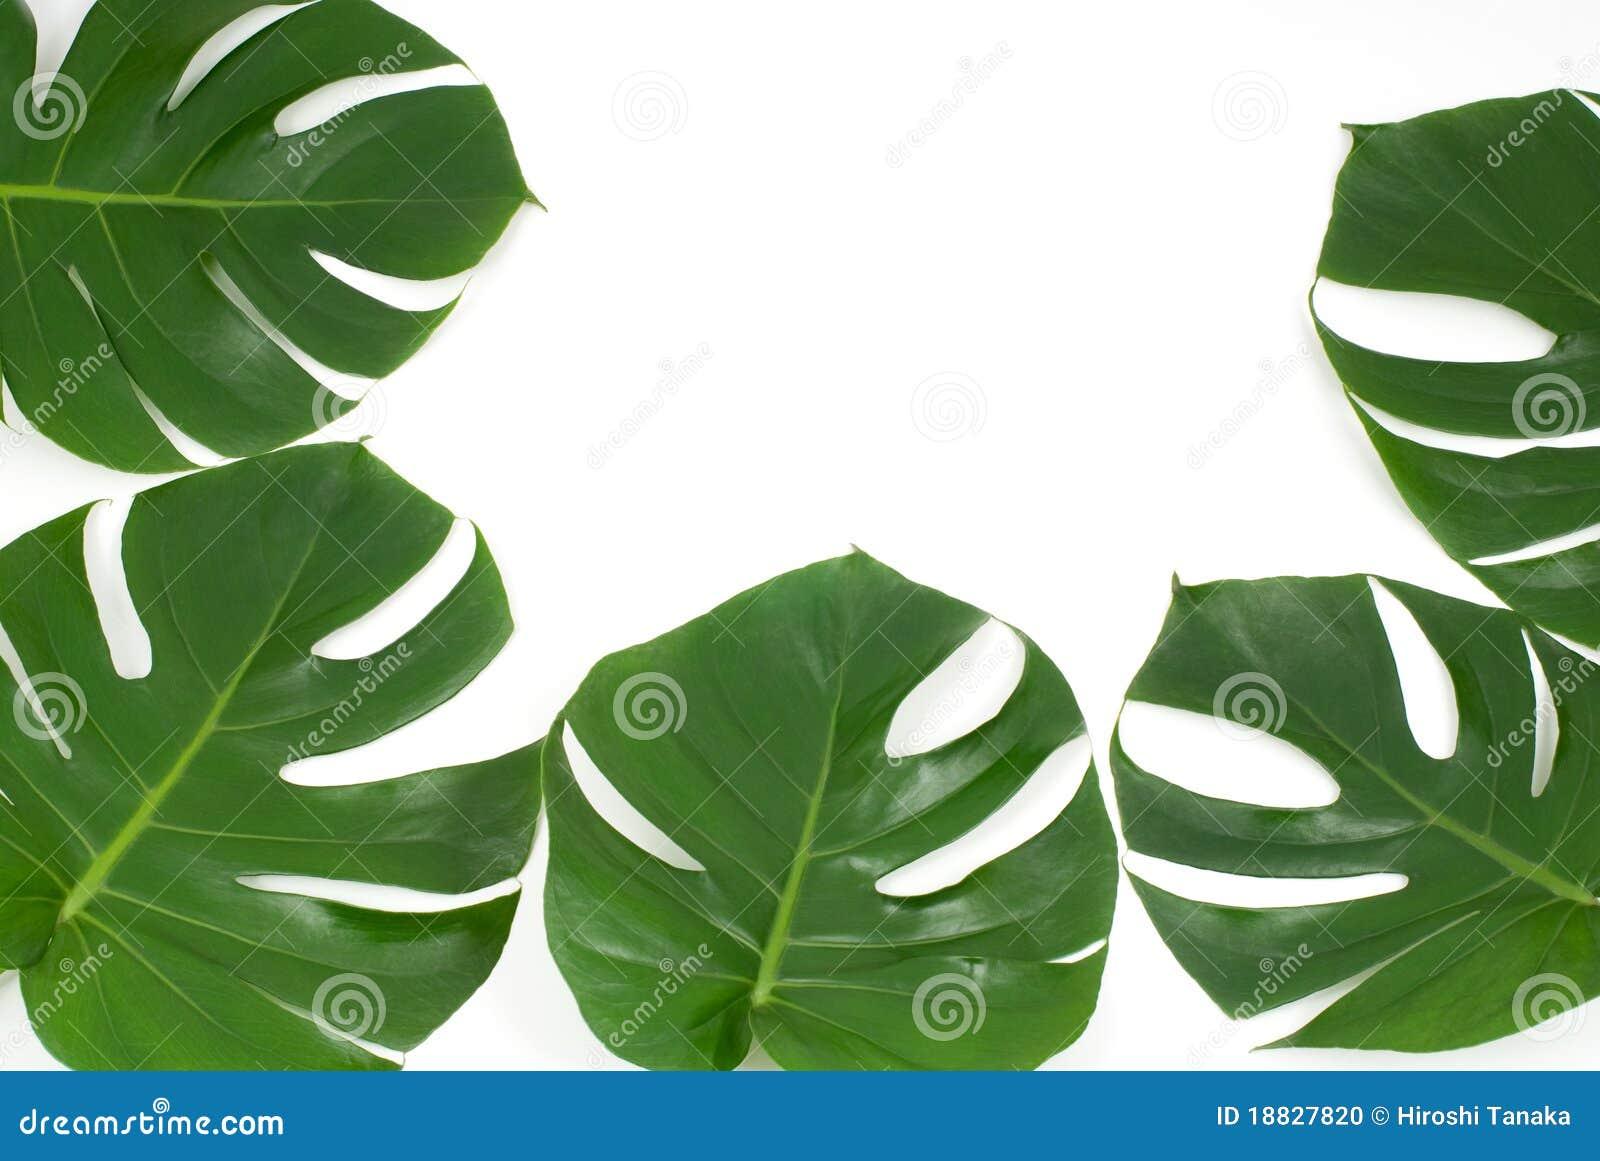 Plantas tropicales foto de archivo imagen de blanco 18827820 - Plantas de interior tropicales ...